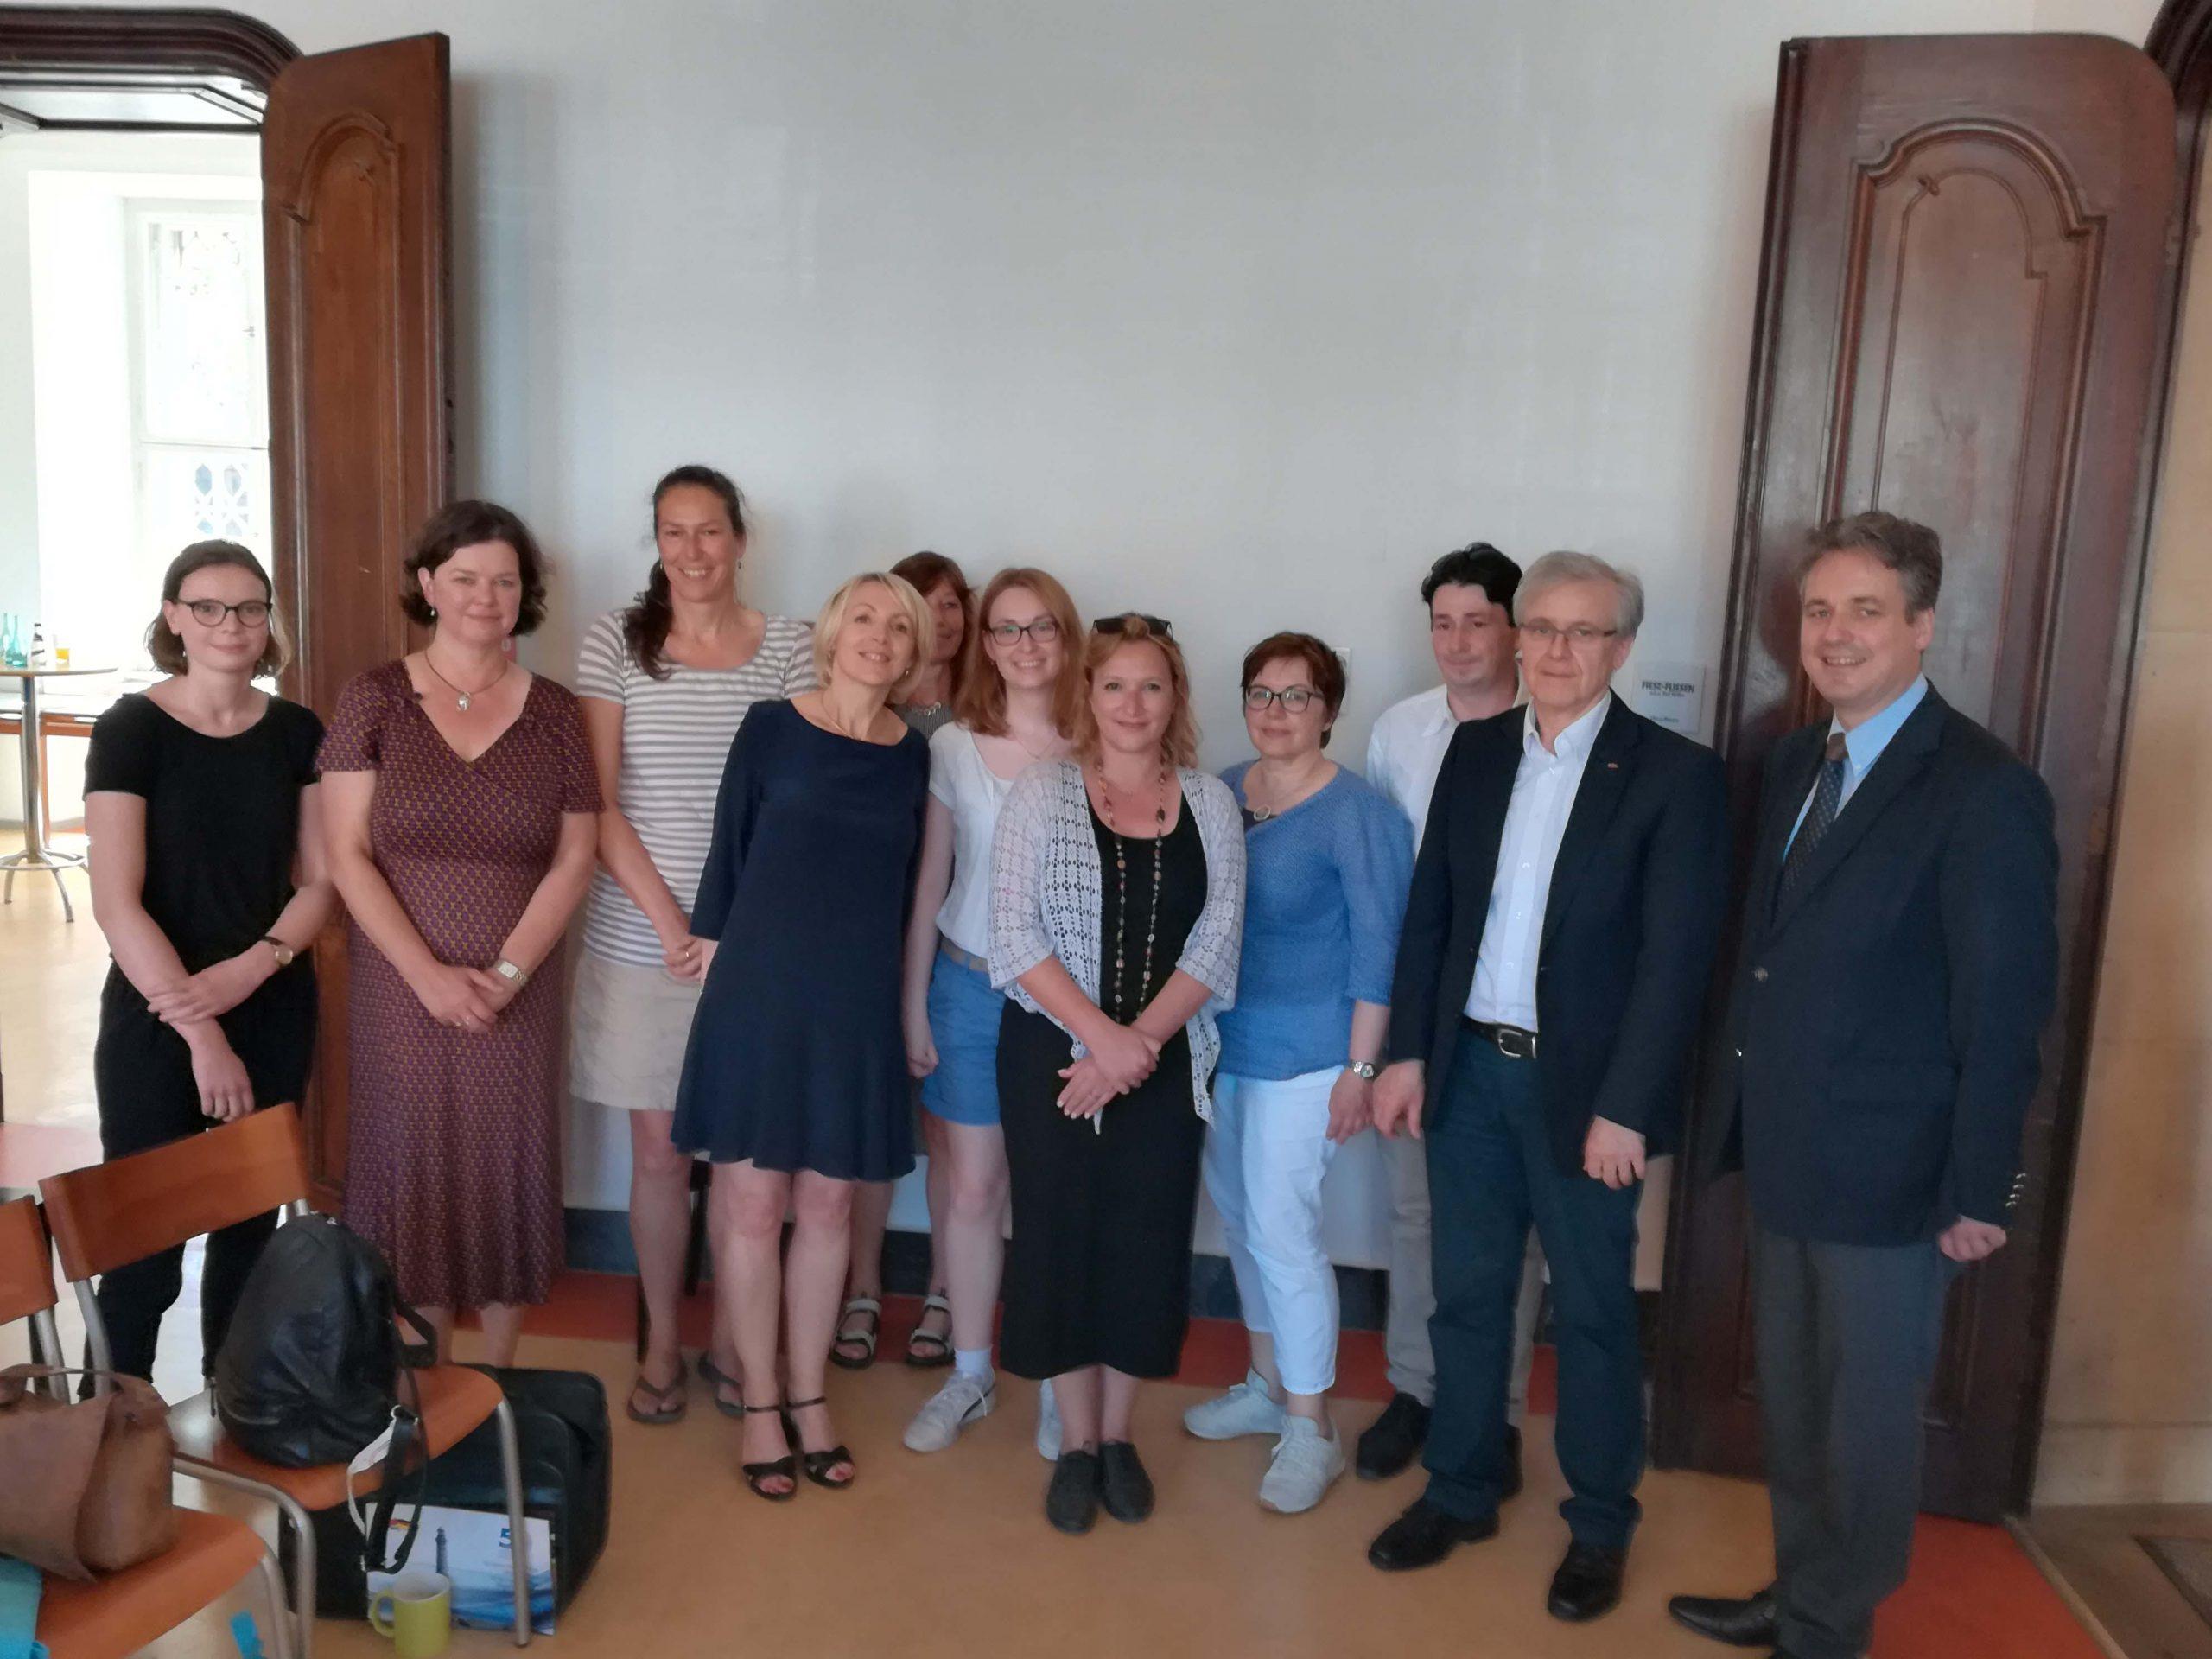 Les membres de l'IGP e.V. avec les secrétaires généreaux de l'OFAJ